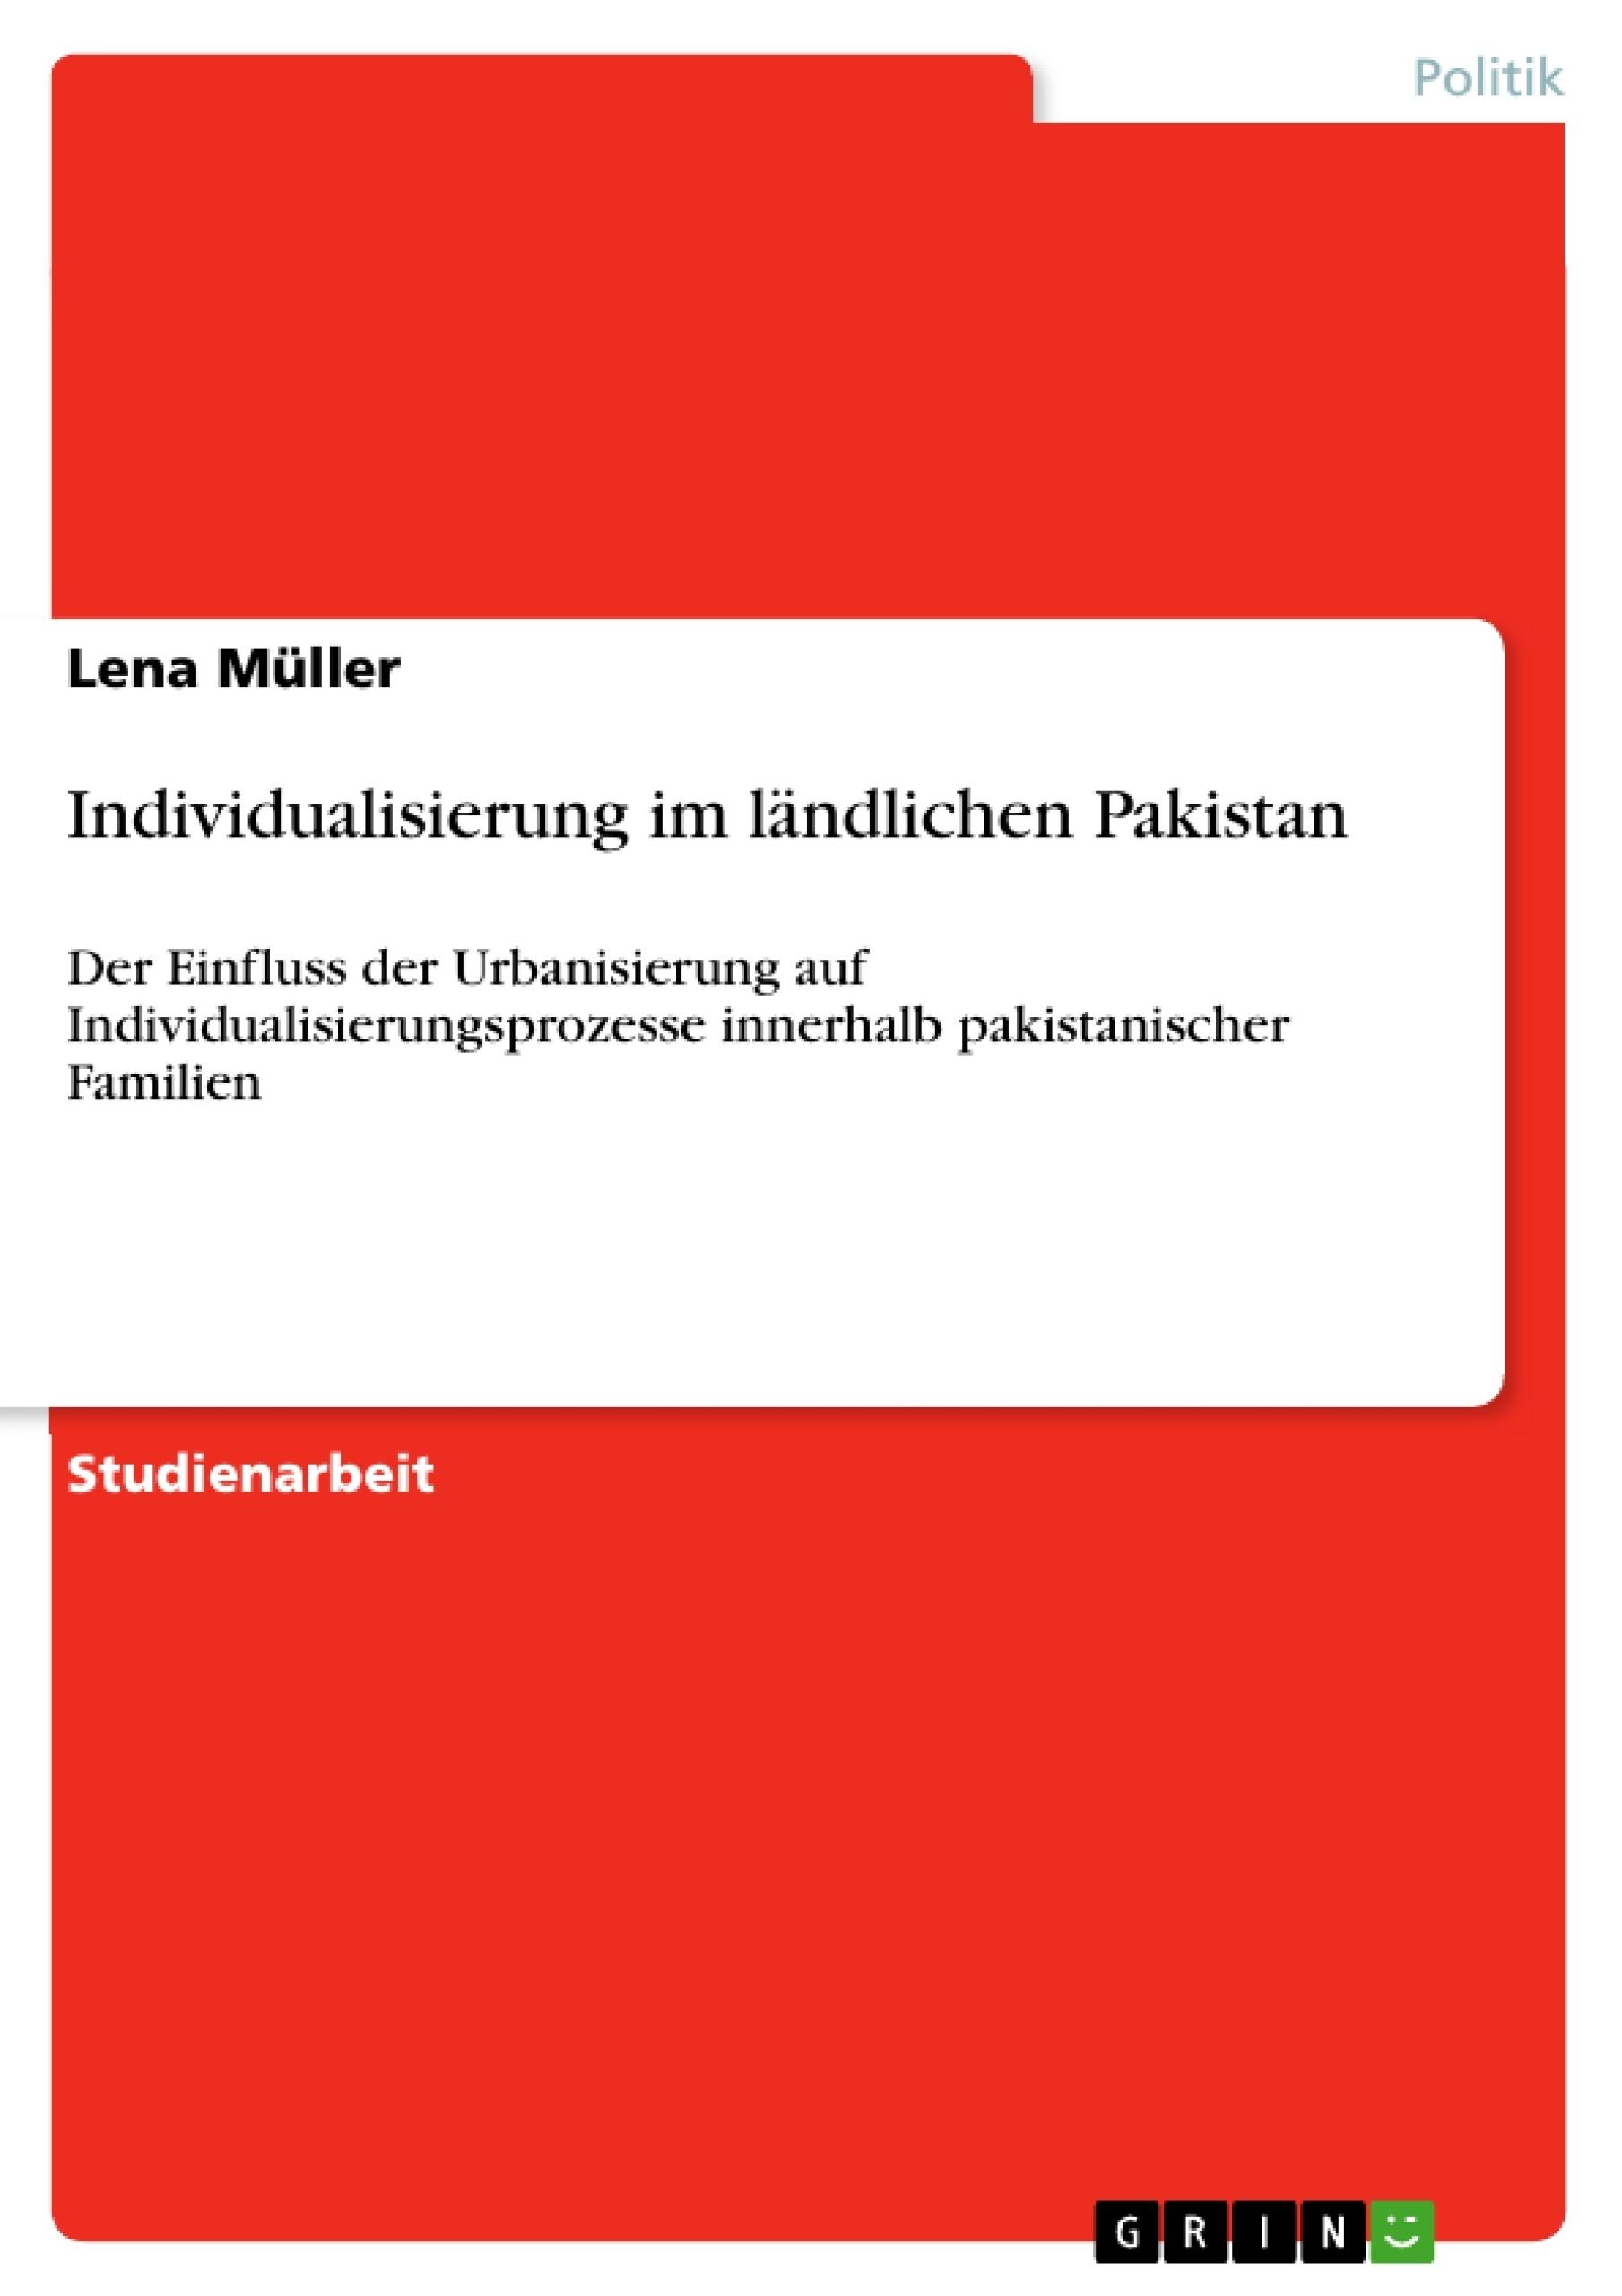 Titel: Individualisierung im ländlichen Pakistan